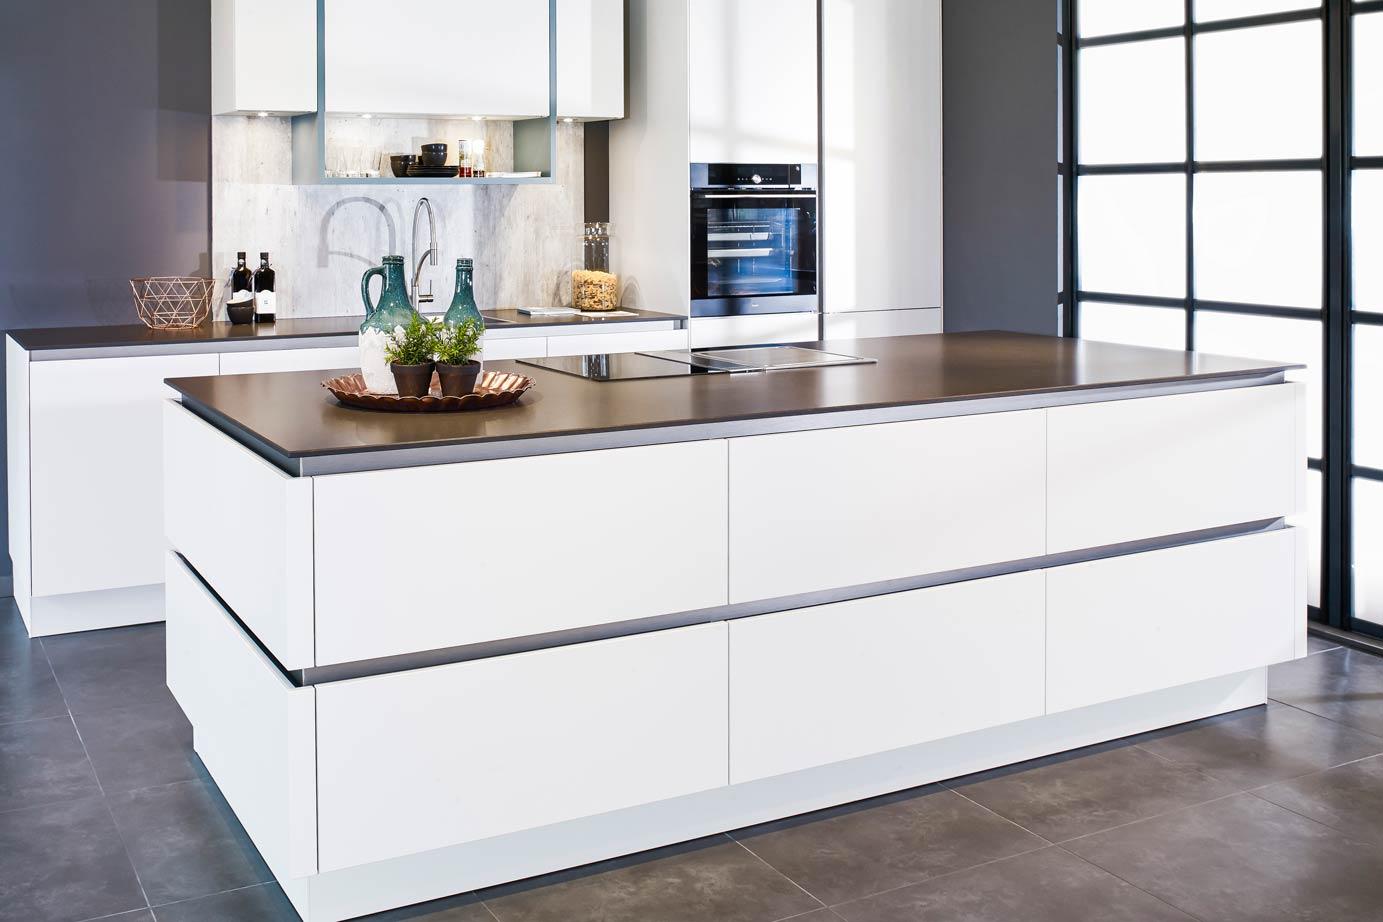 Ultra Moderne Keukens : Moderne keukens beste ideen over huis en interieur